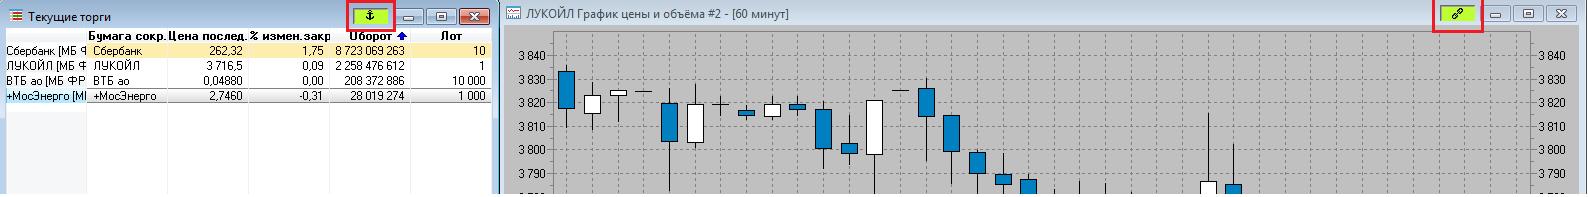 Рис. 6. QUIK 7: настройка терминала для торговли акциями